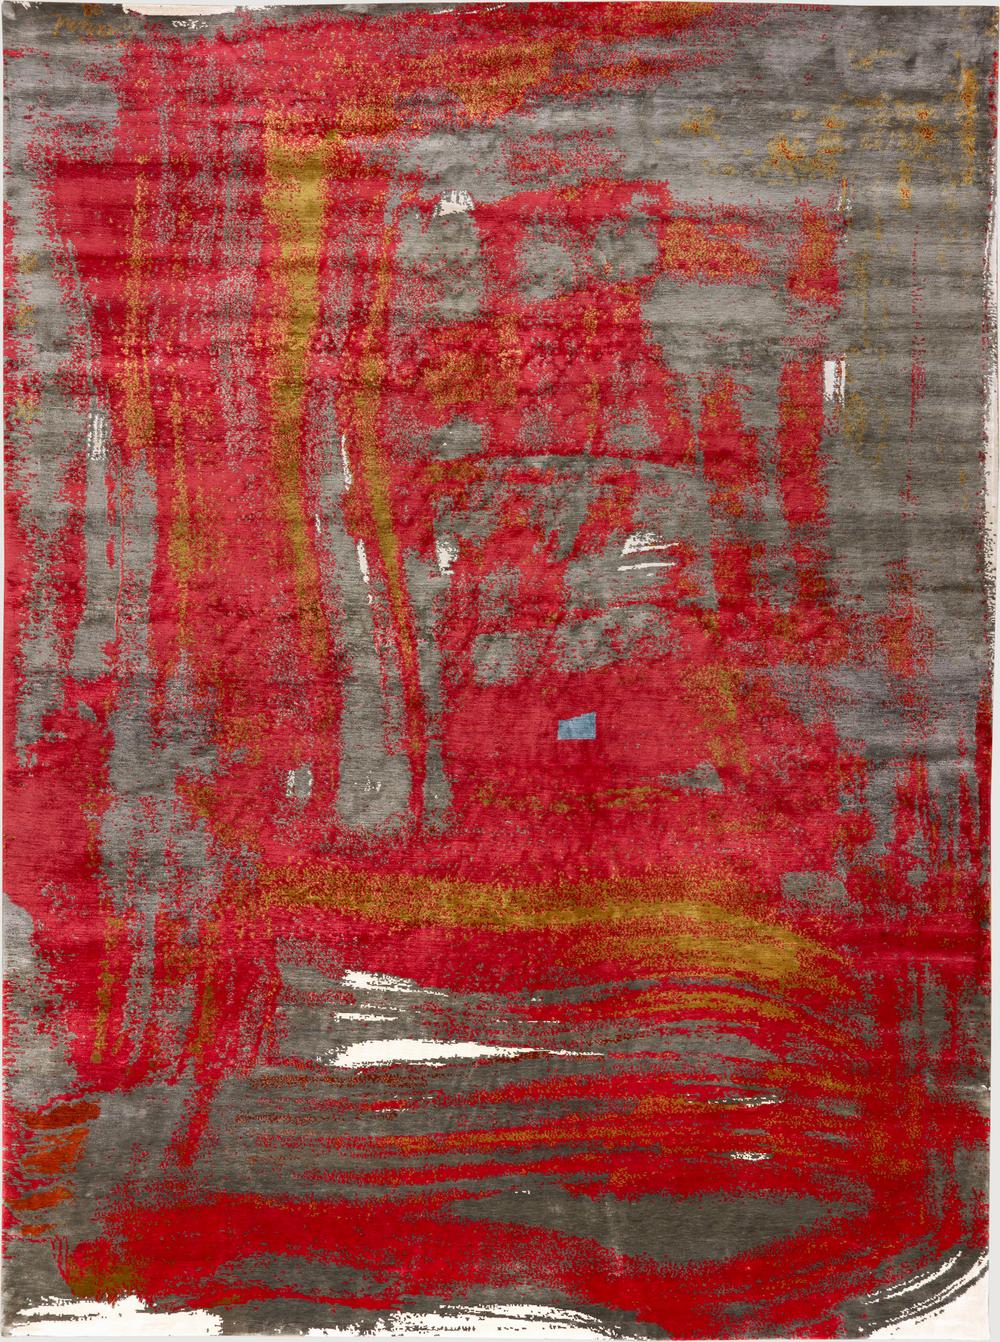 20875_Brushstroke Red_t1.jpg